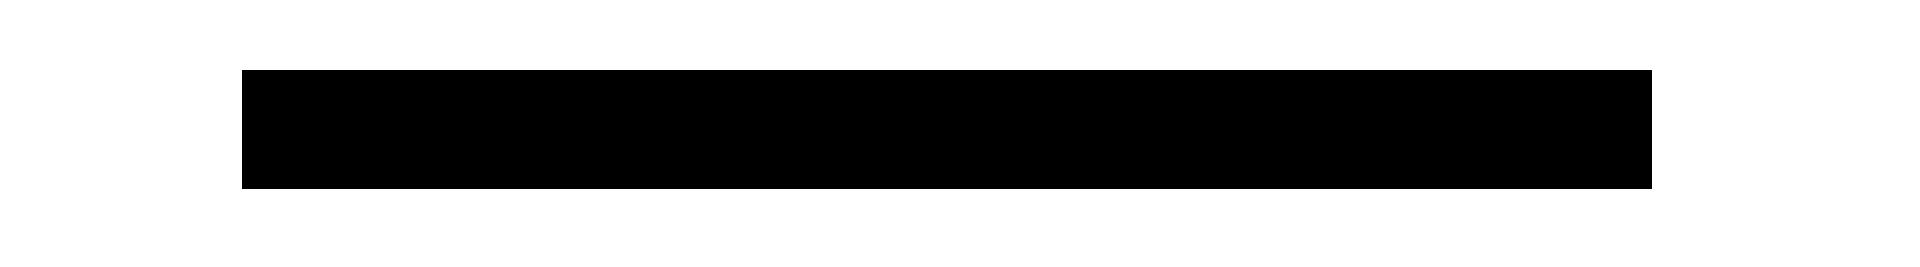 pelt-banner-promov2